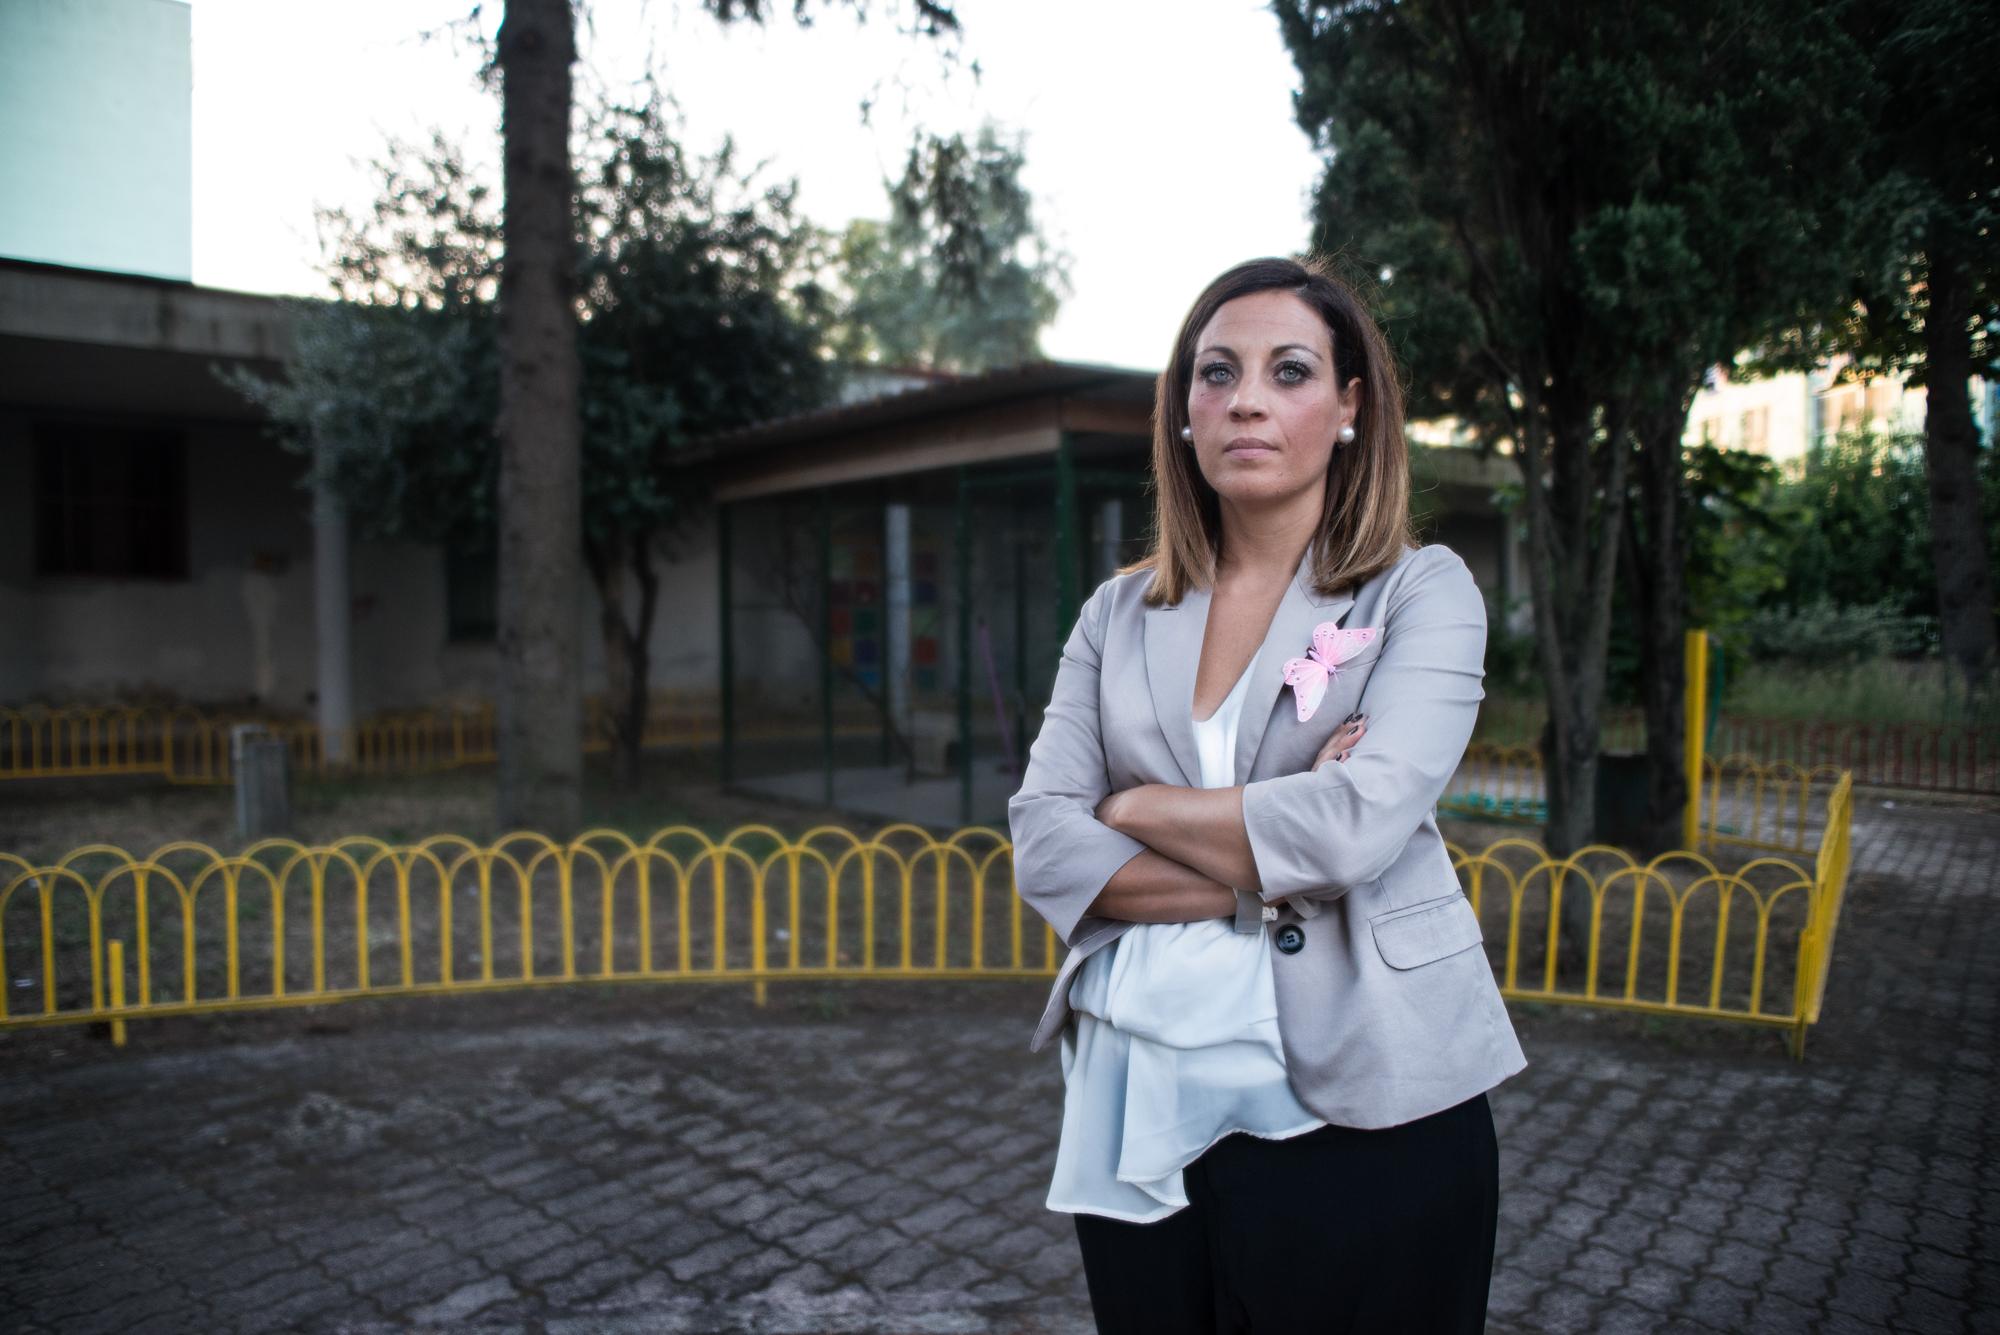 Parco Verde, Caivano, (NA), 2015. Anna, membro dell'associazione  Noi Genitori di Tutti , che riunisce coloro che hanno perso un figlio per tumori causati da inquinamento ambientale.